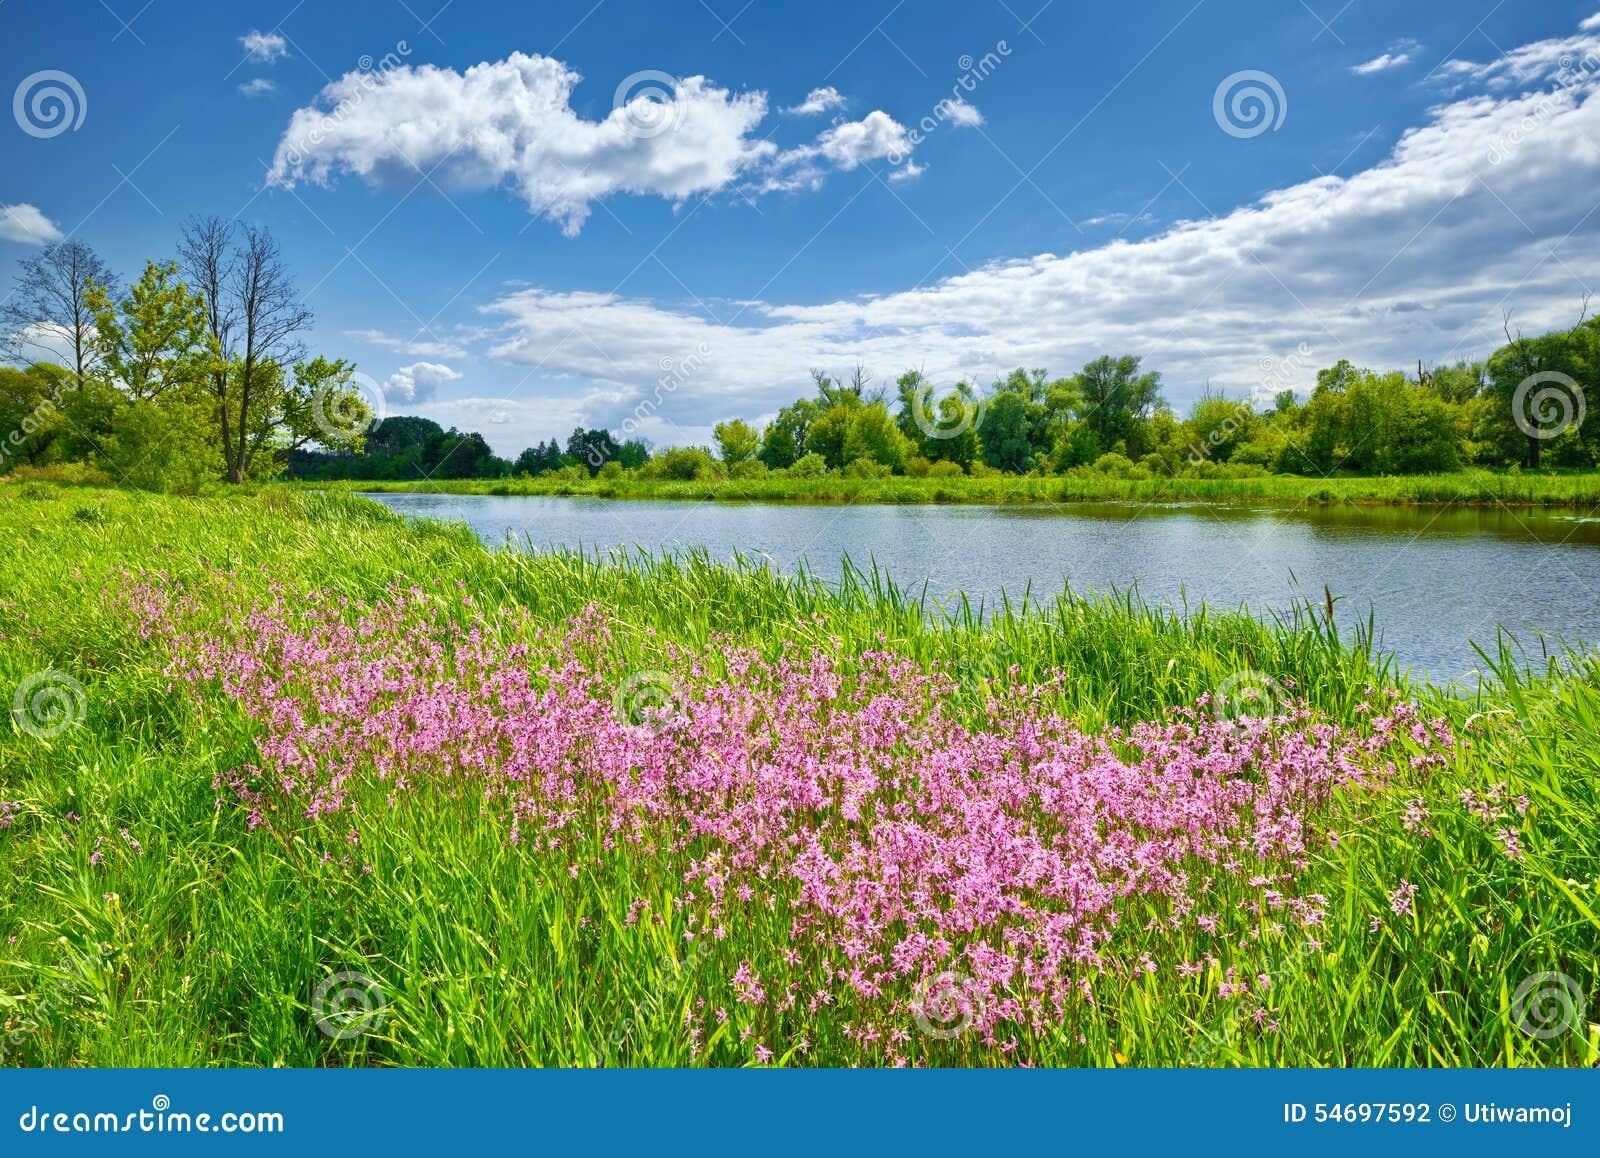 La primavera florece el campo de las nubes del cielo azul del paisaje del río